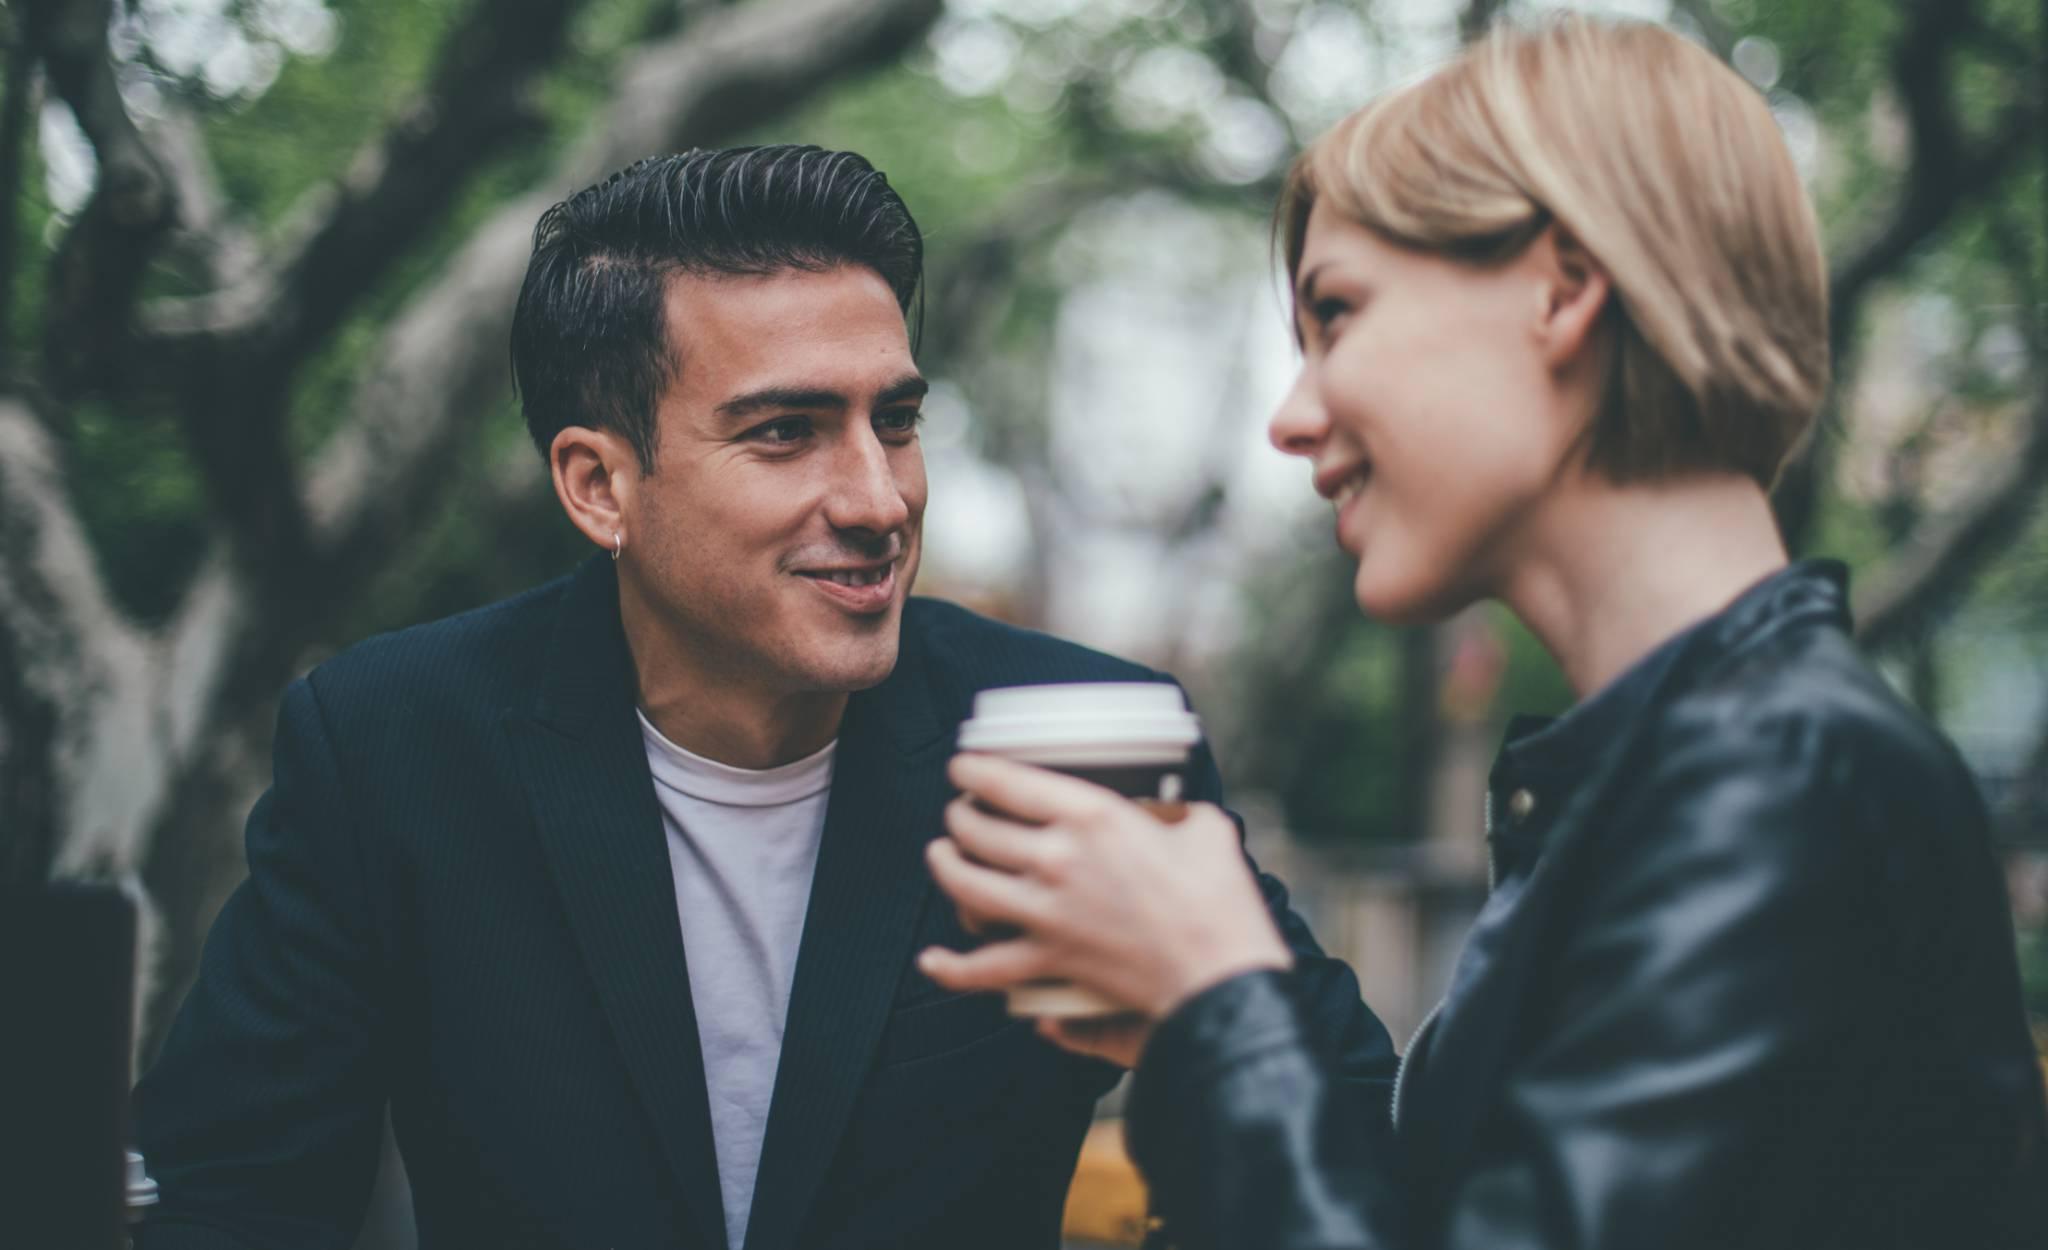 Autentyczność w nawiązywaniu relacji